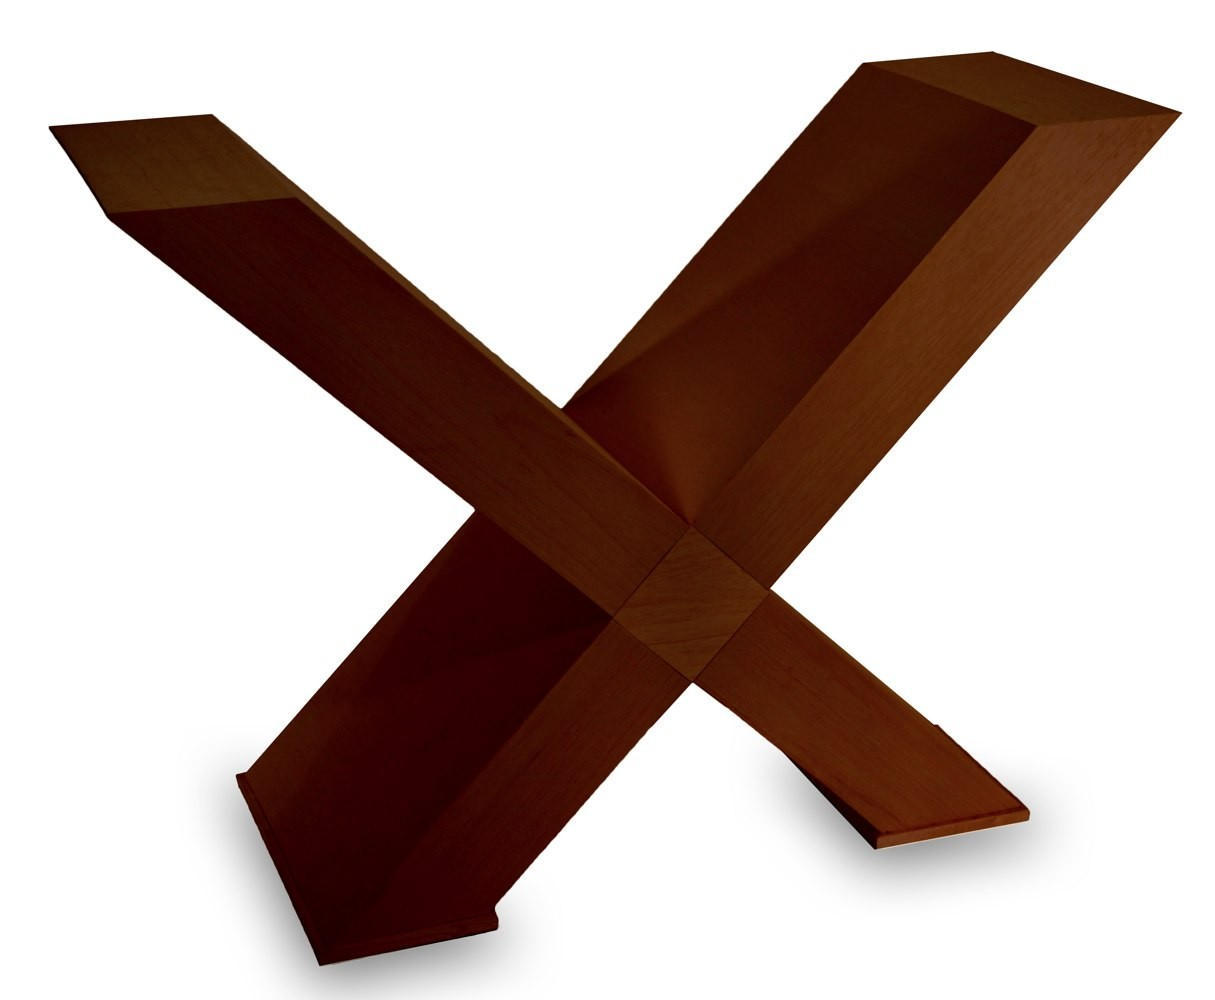 Base de mesa x reta imbuia Fabrica de bases para mesas